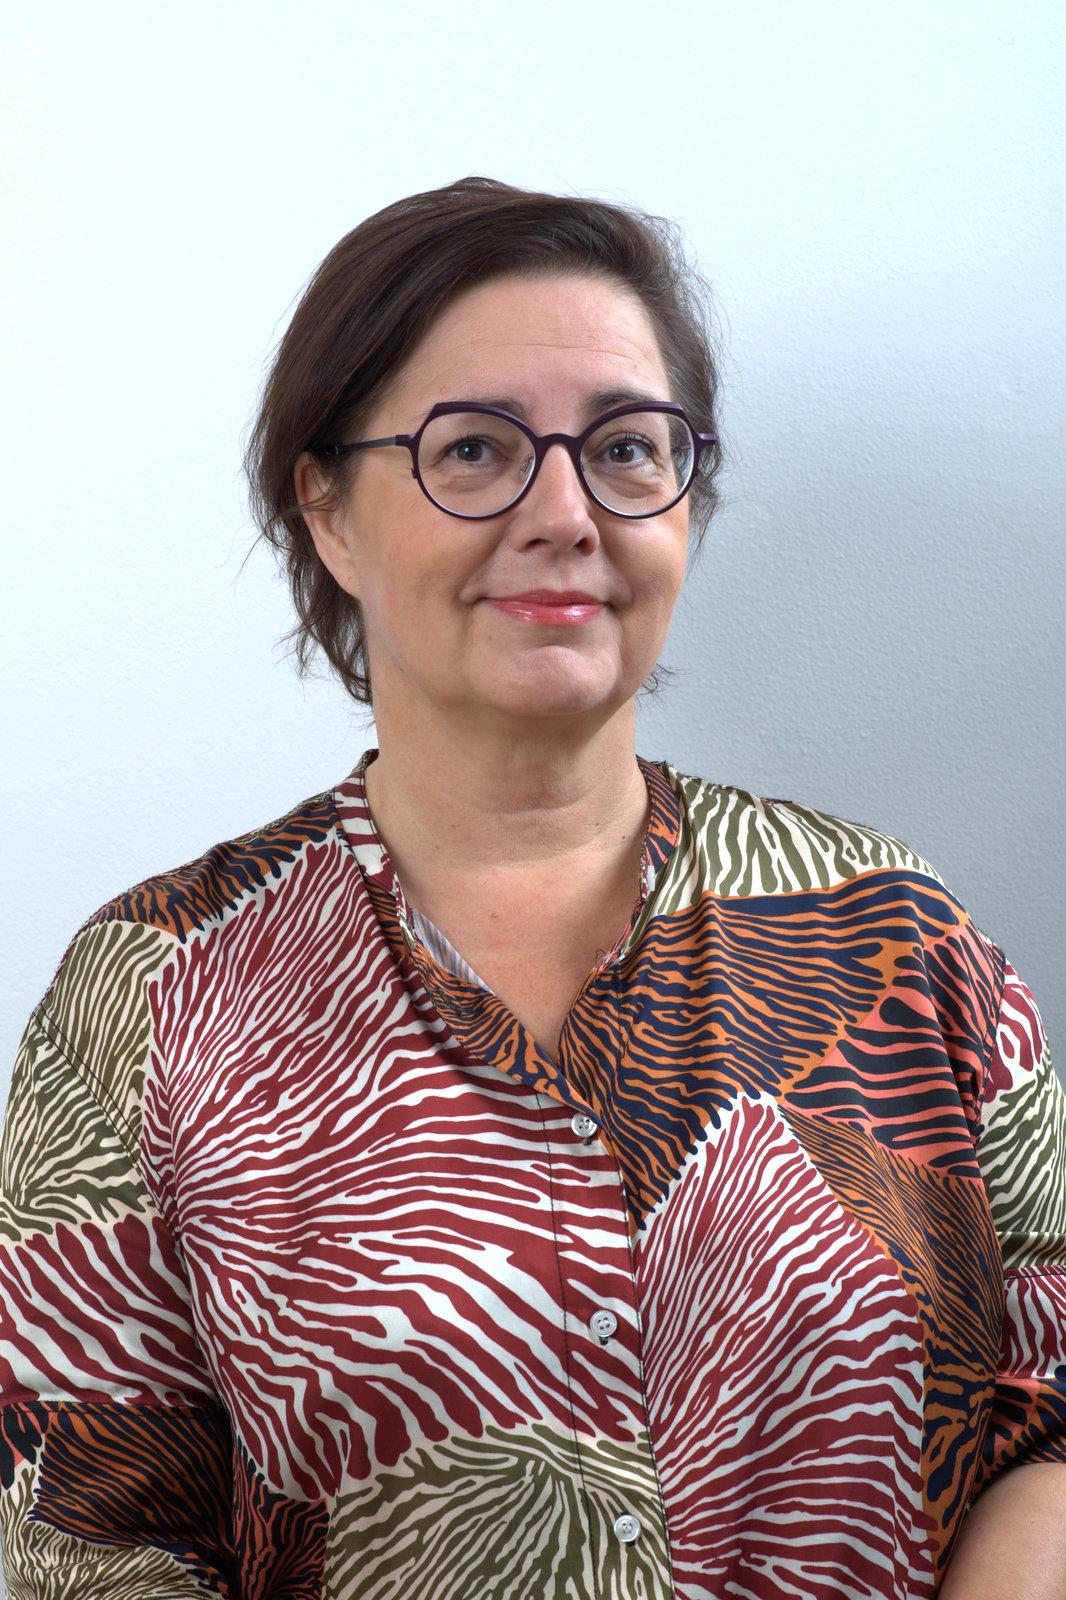 """Tarja Laukka, optometrist, ägarinna, rätt att ordinera kontaktlinser, specialist på arbetsseende, rätt att använda diagnostiska läkemedel.  Tarja tycker om att läsa, gå på bio, sköta om sitt barnbarn och gå på joga. Hon cyklar till jobb, är styrelsemedlem i  Suomen Näköasiantuntijat Oy  och är med i företagarnas föreningsverksamhet. Tarja är Iris optikers skräpsorteringsinformatör.   """"Ibland är underbarare än alltid."""""""